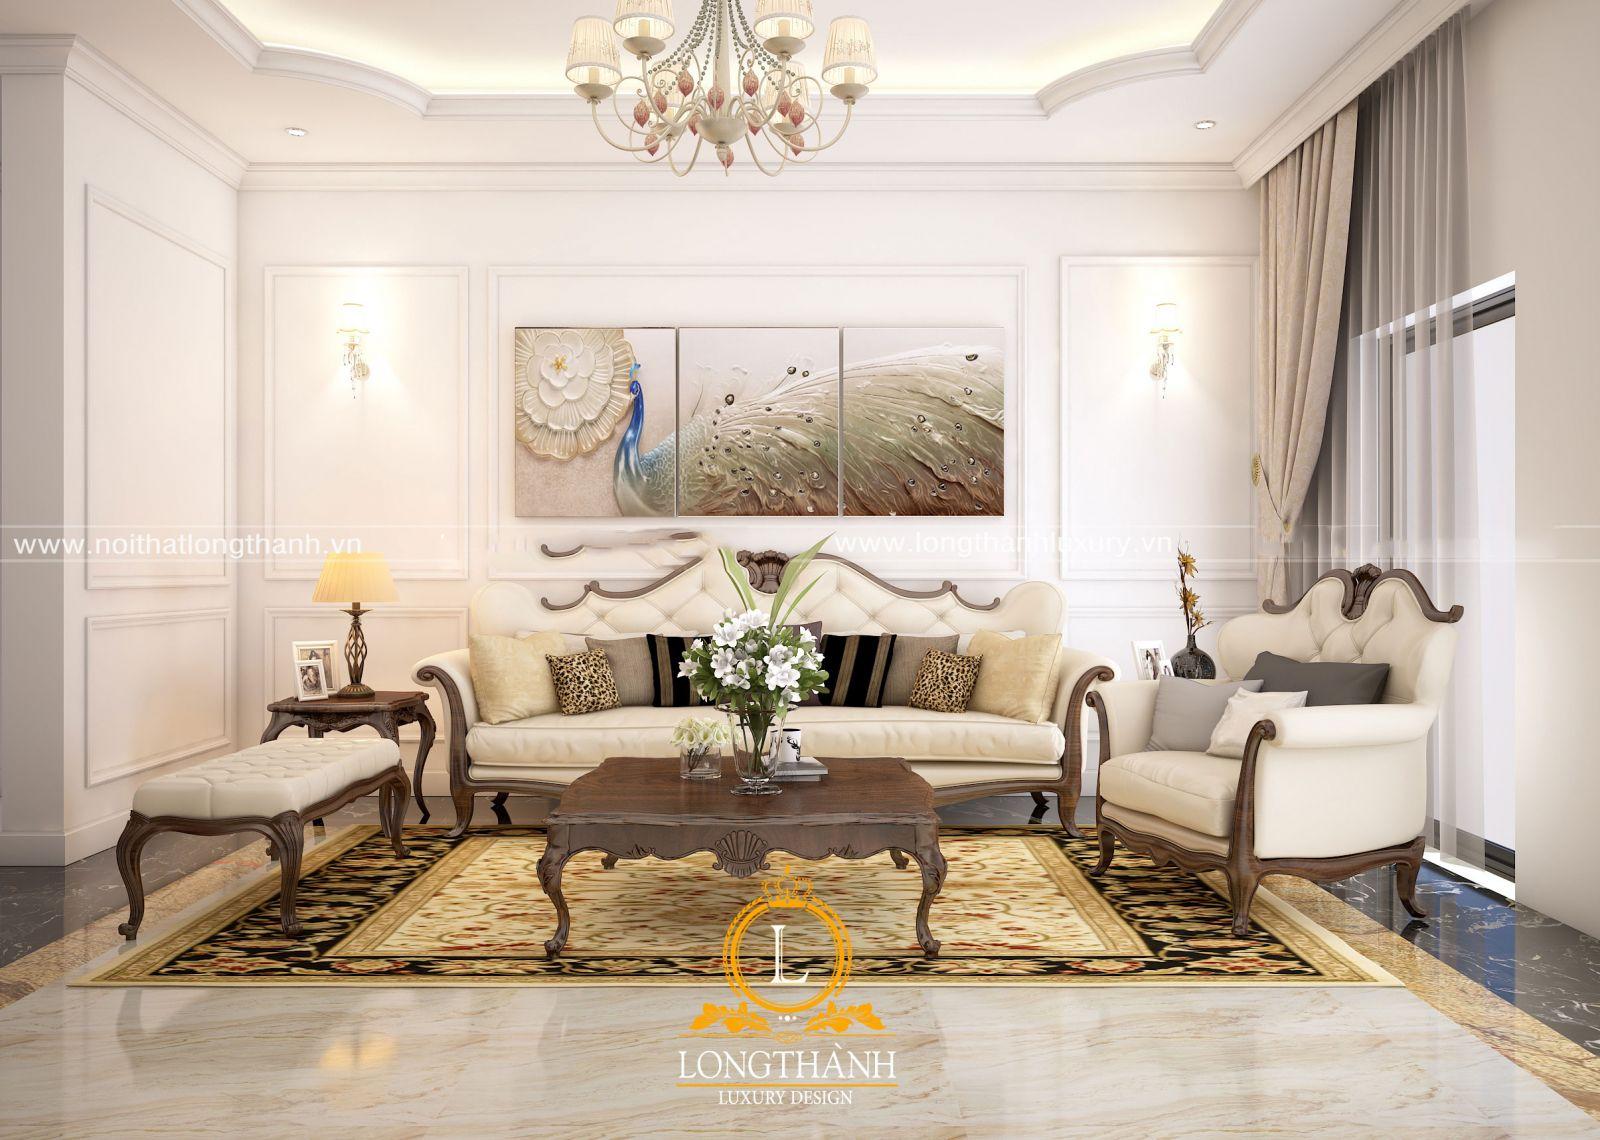 Phòng khách tân cổ điển đơn giản cho nhà chung cư